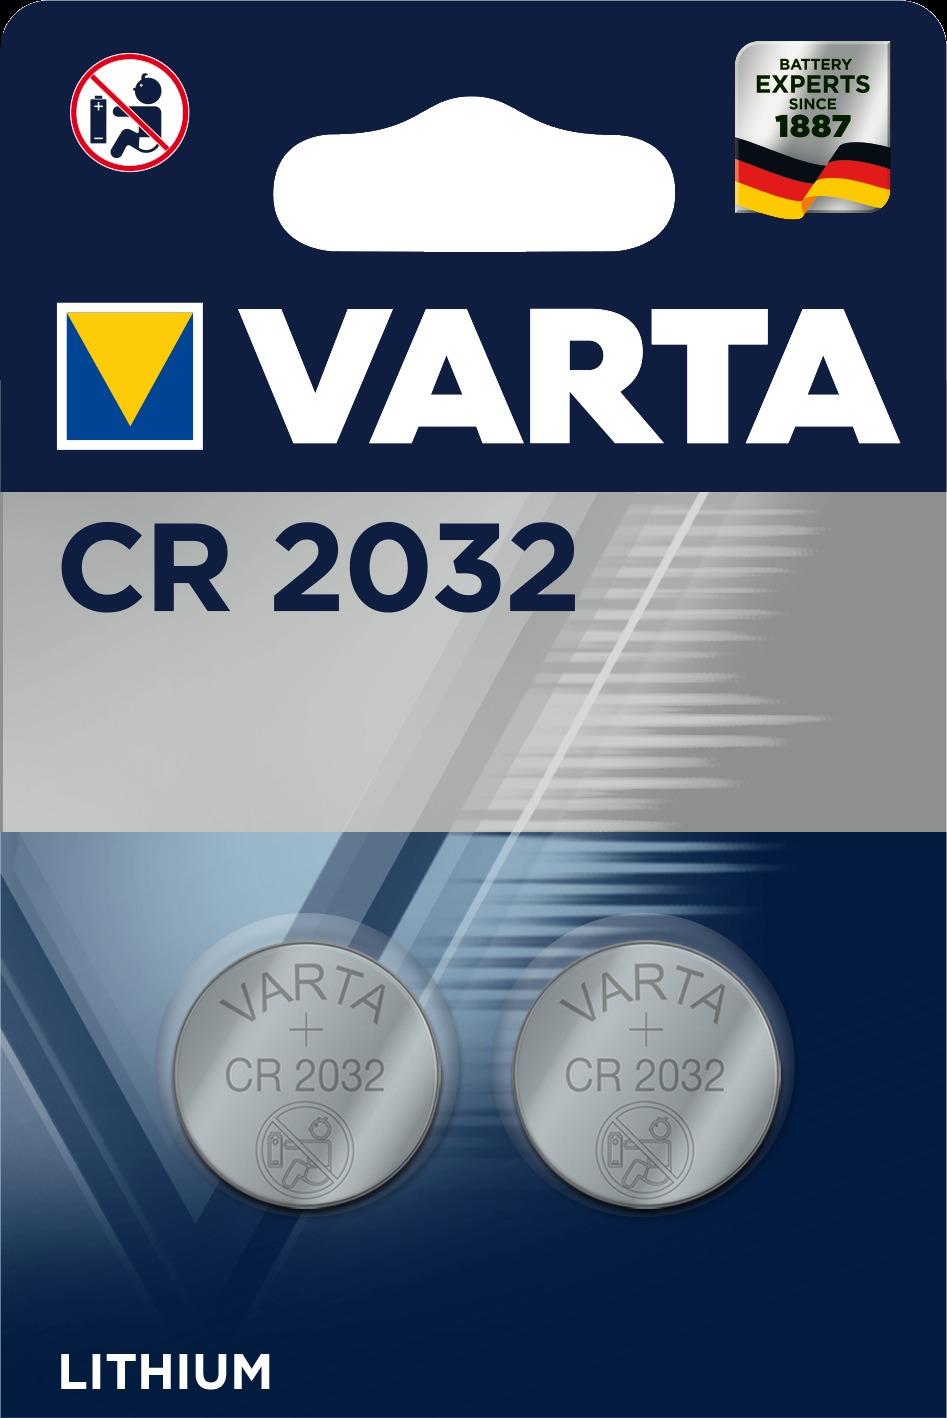 BATERIA VARTA Baterie VARTA CR2032 (2szt.) + Zamów z DOSTAWĄ JUTRO! + ODBIERZ ZA GODZINĘ W ELEKTROMARKECIE!